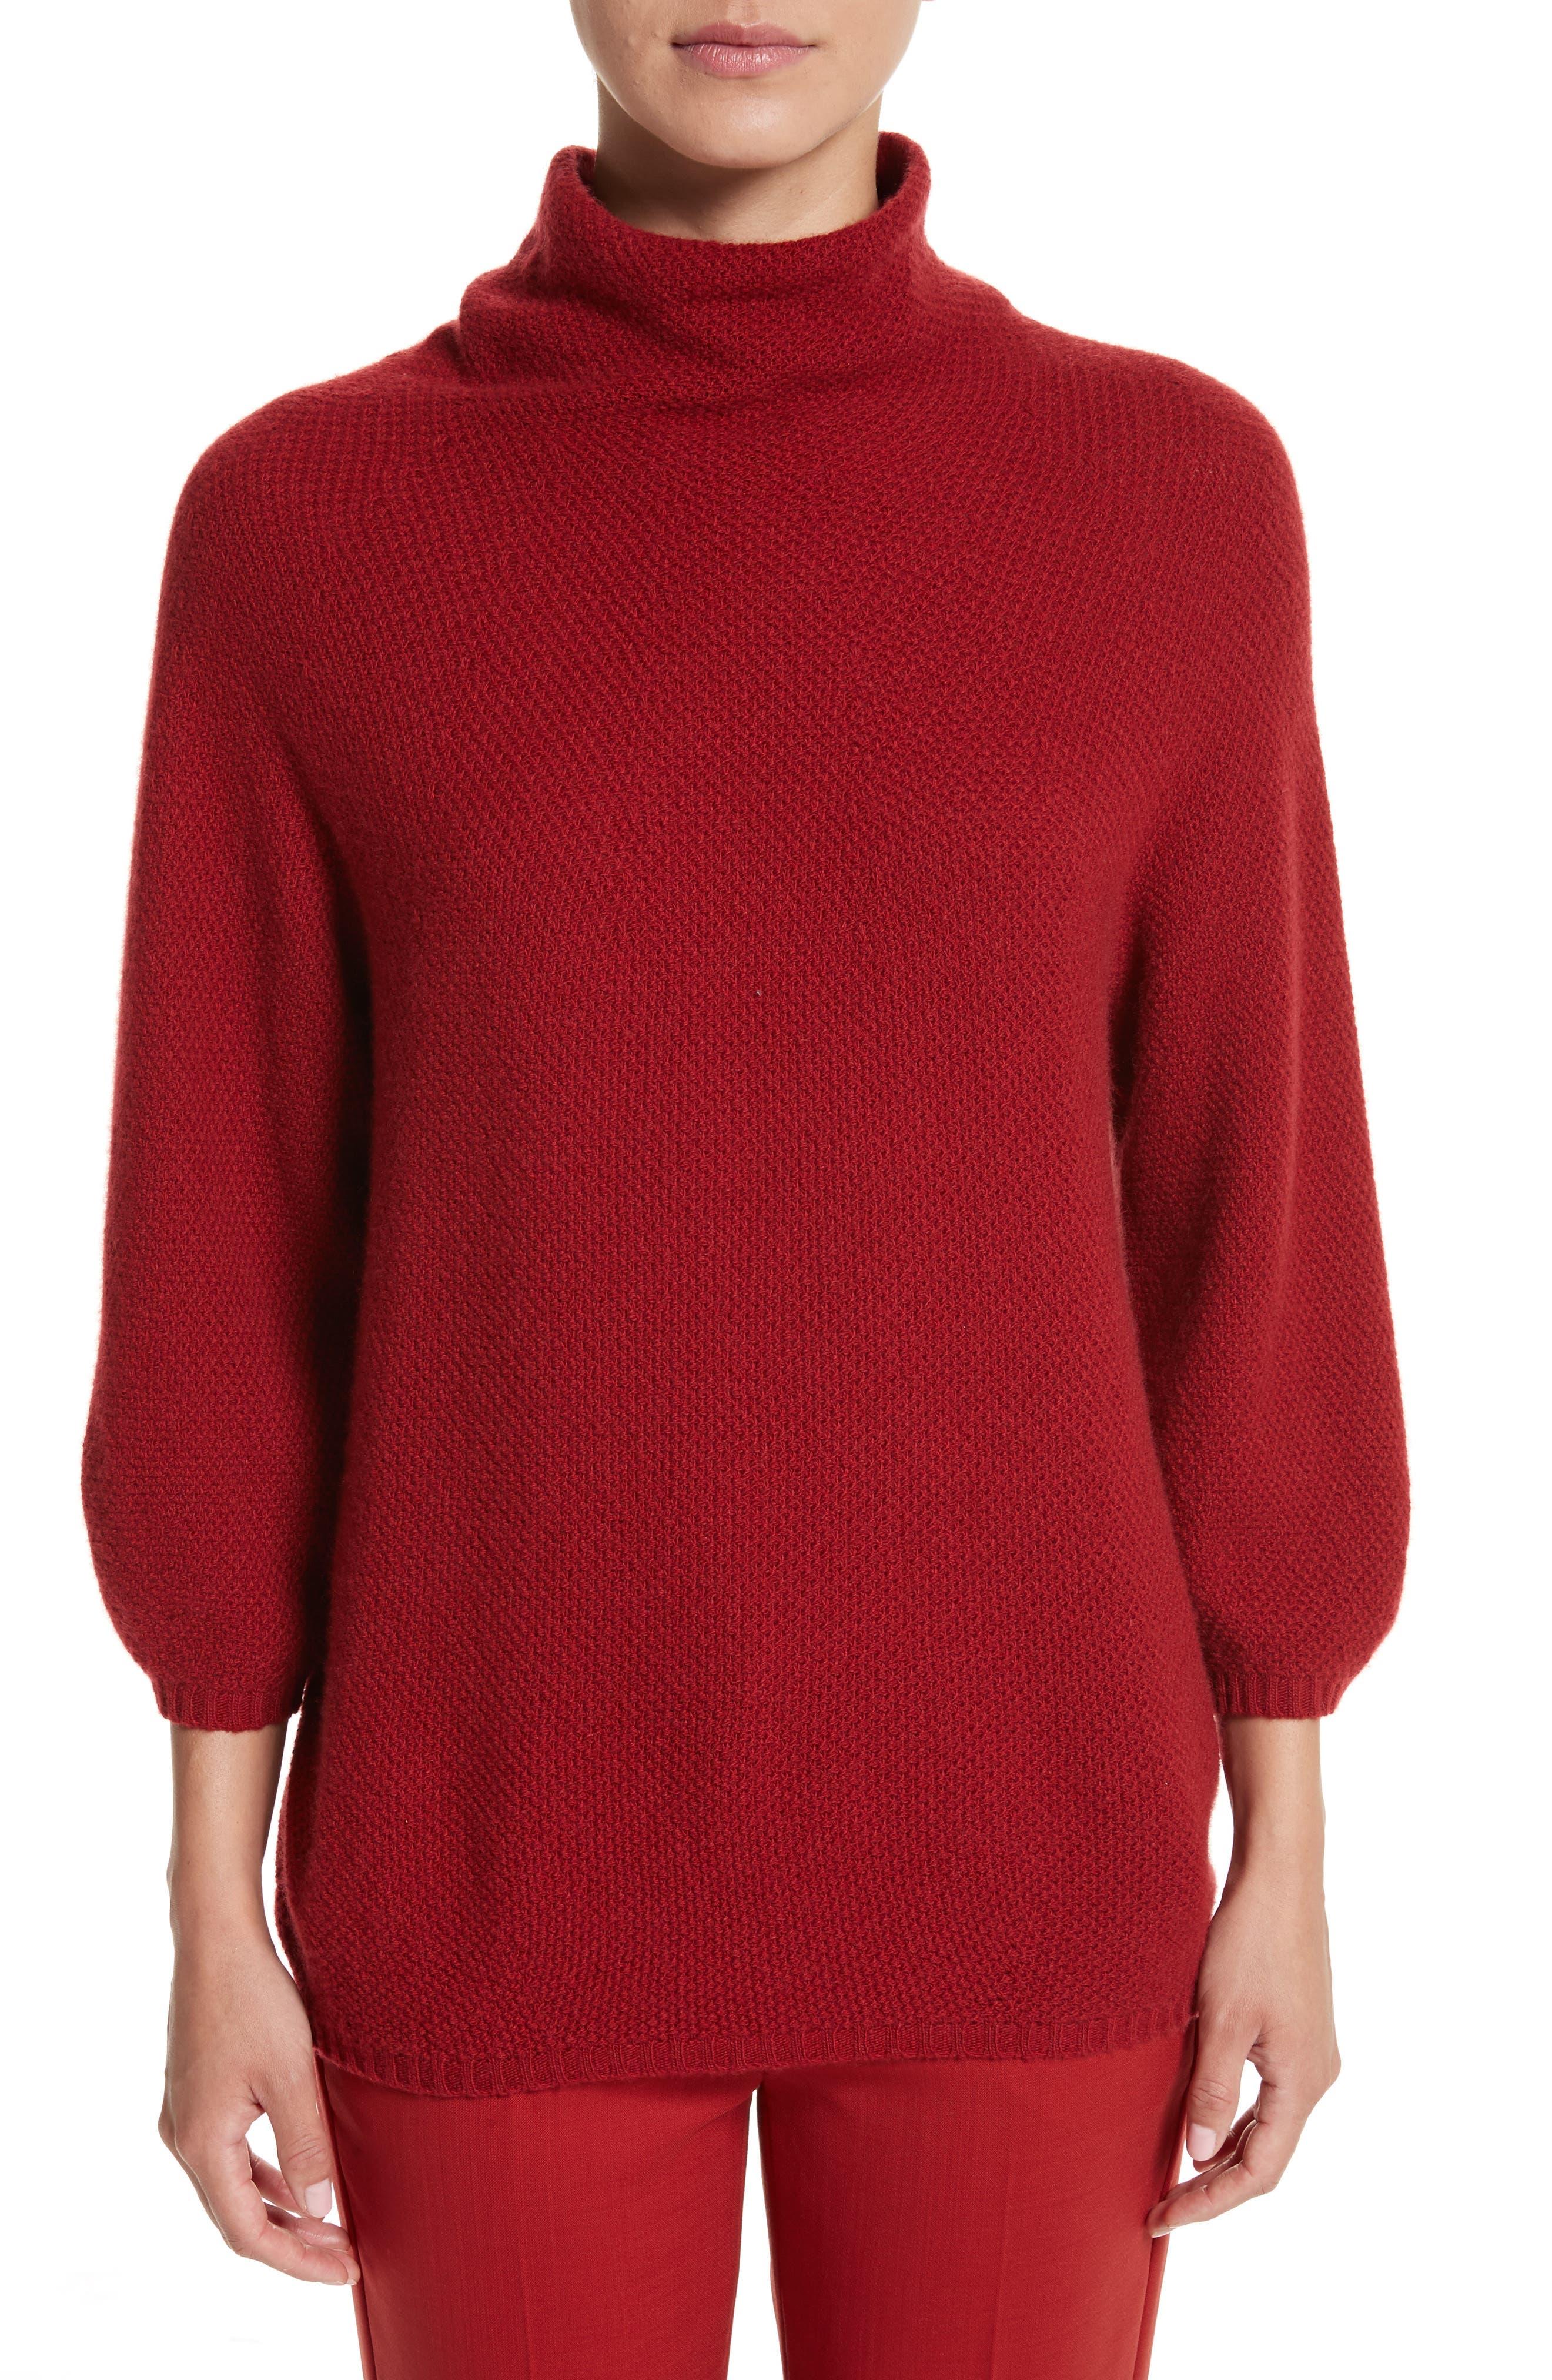 Main Image - Max Mara Belgio Wool & Cashmere Sweater